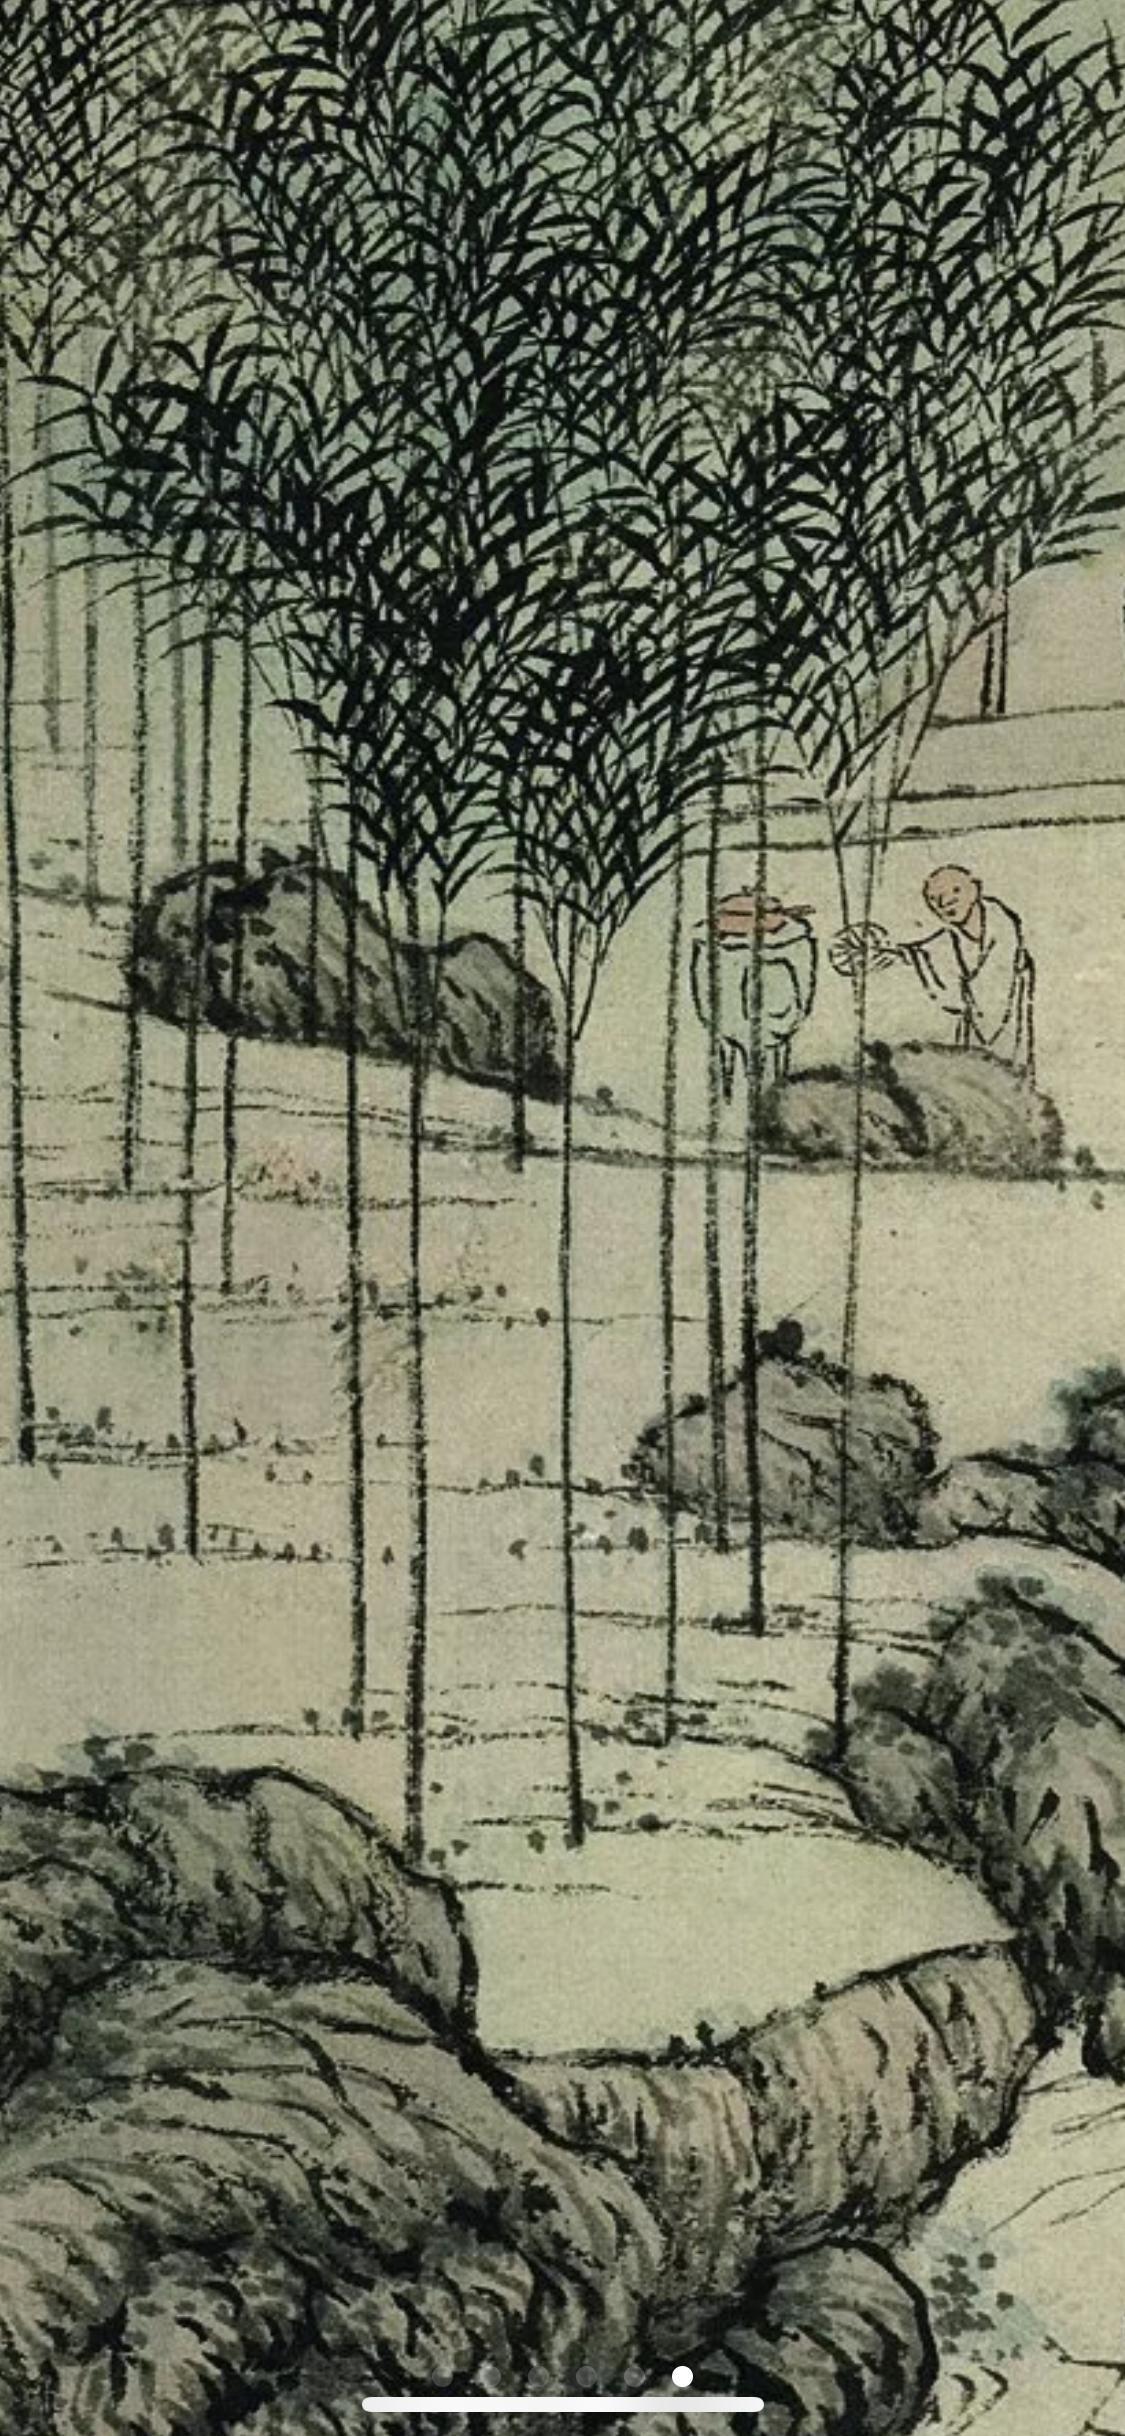 明 沈贞 竹炉山房图纸本115.5x35辽宁博物馆藏